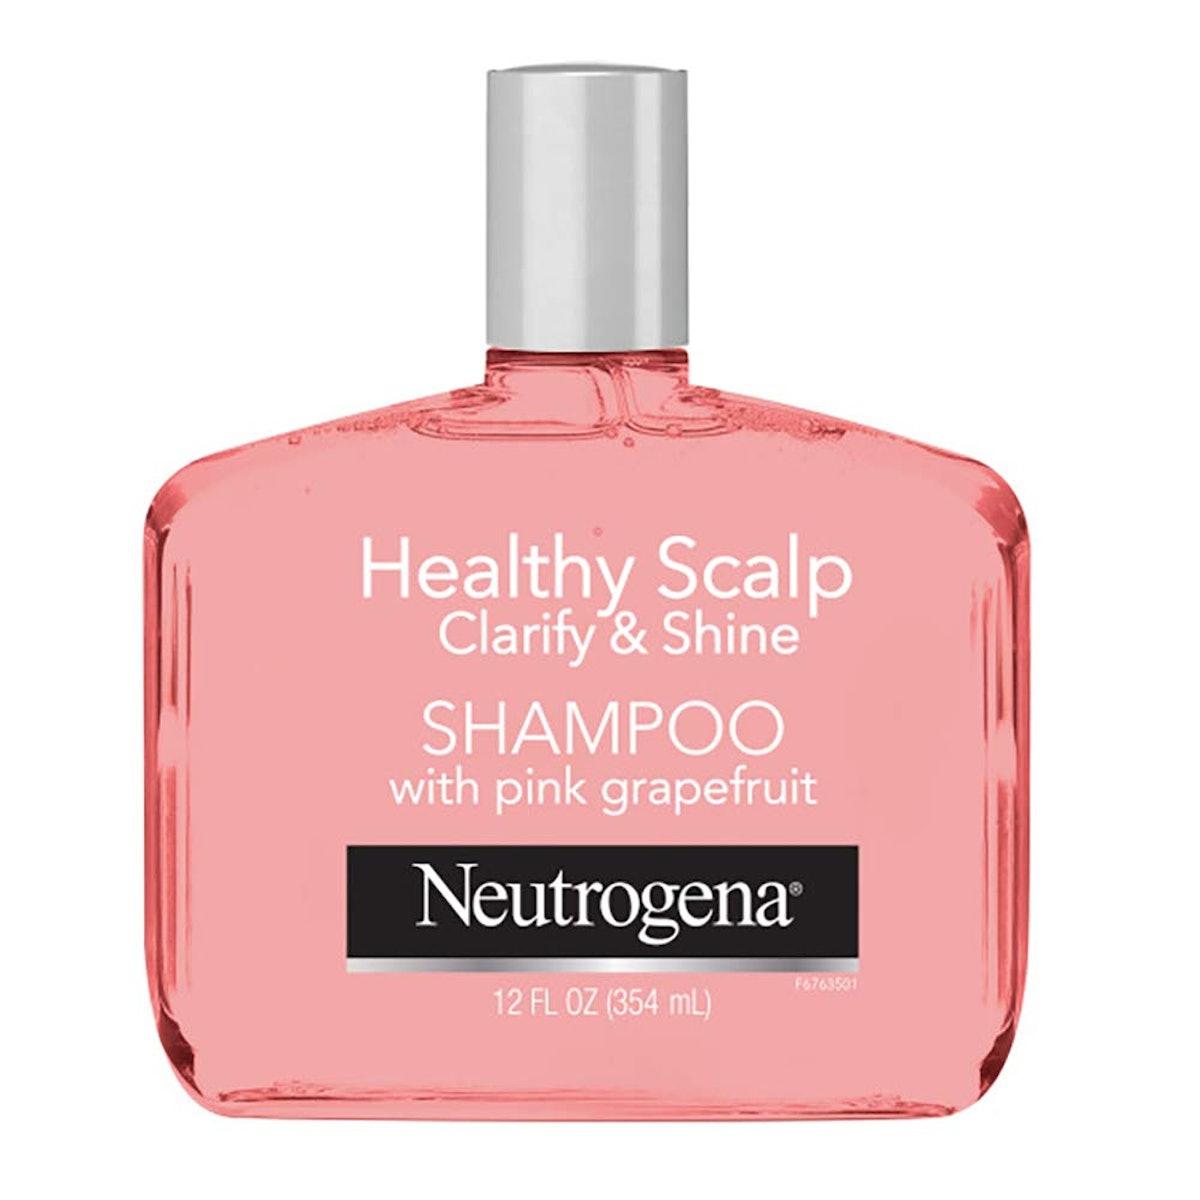 Neutrogena Exfoliating Healthy Scalp Clarify & Shine Shampoo